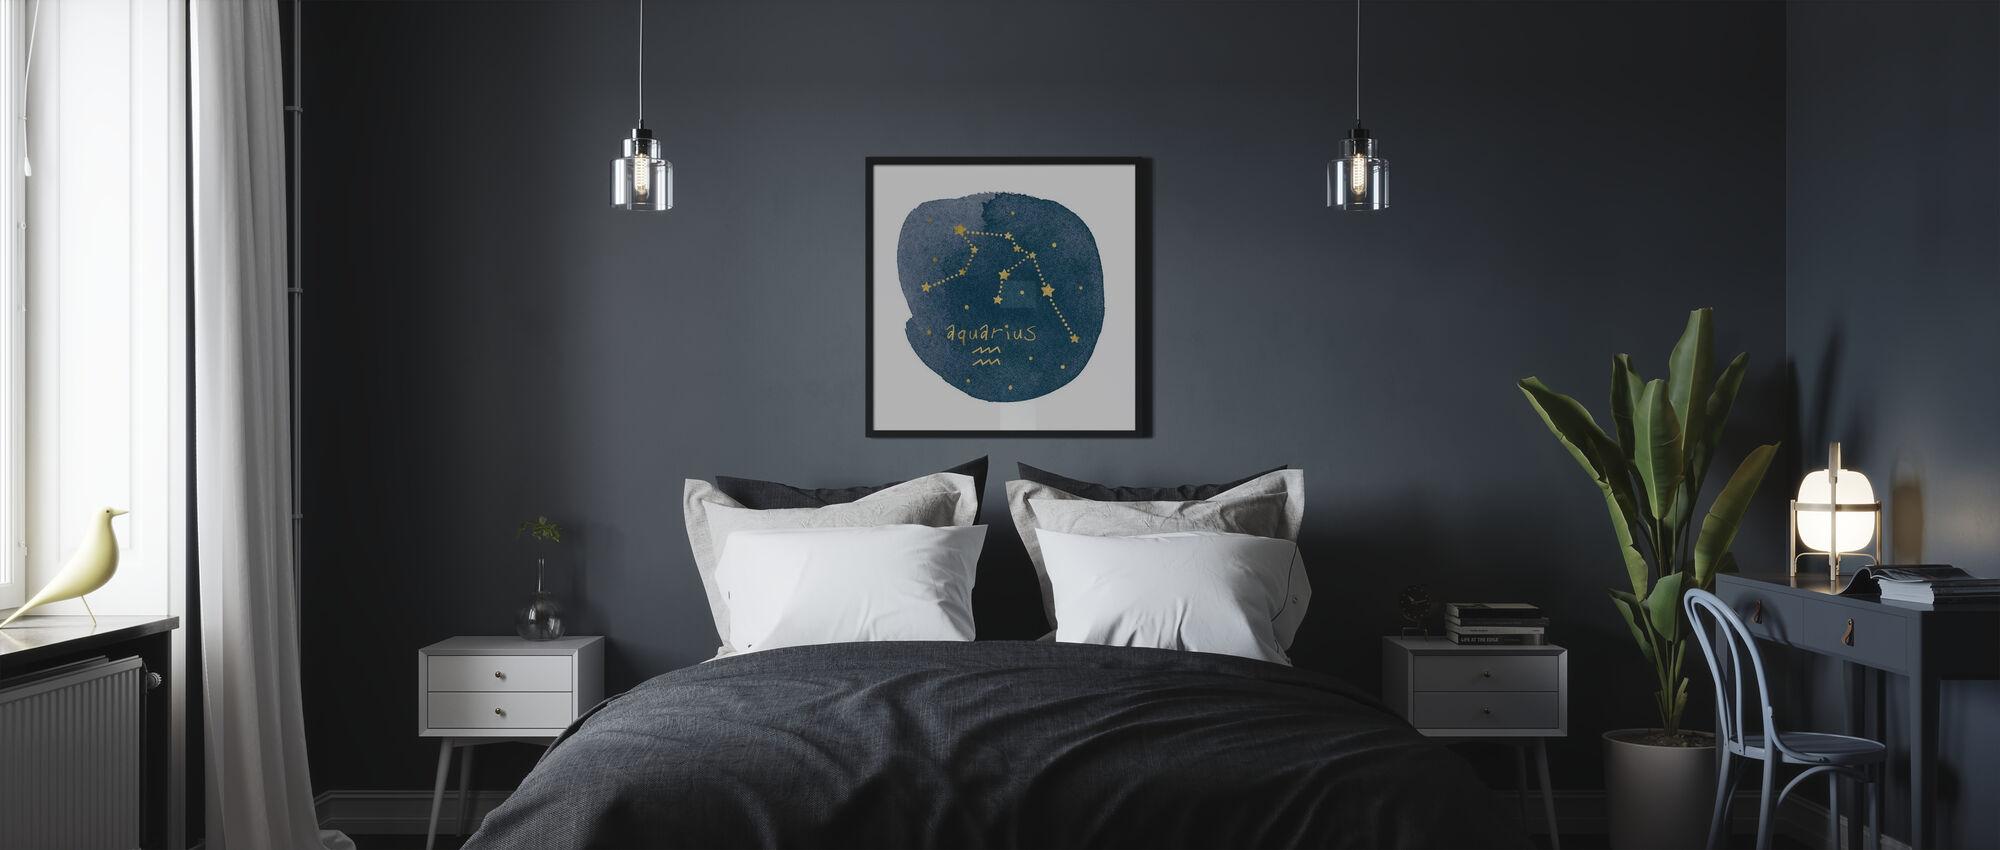 Horoskop Vattumannen - Poster - Sovrum